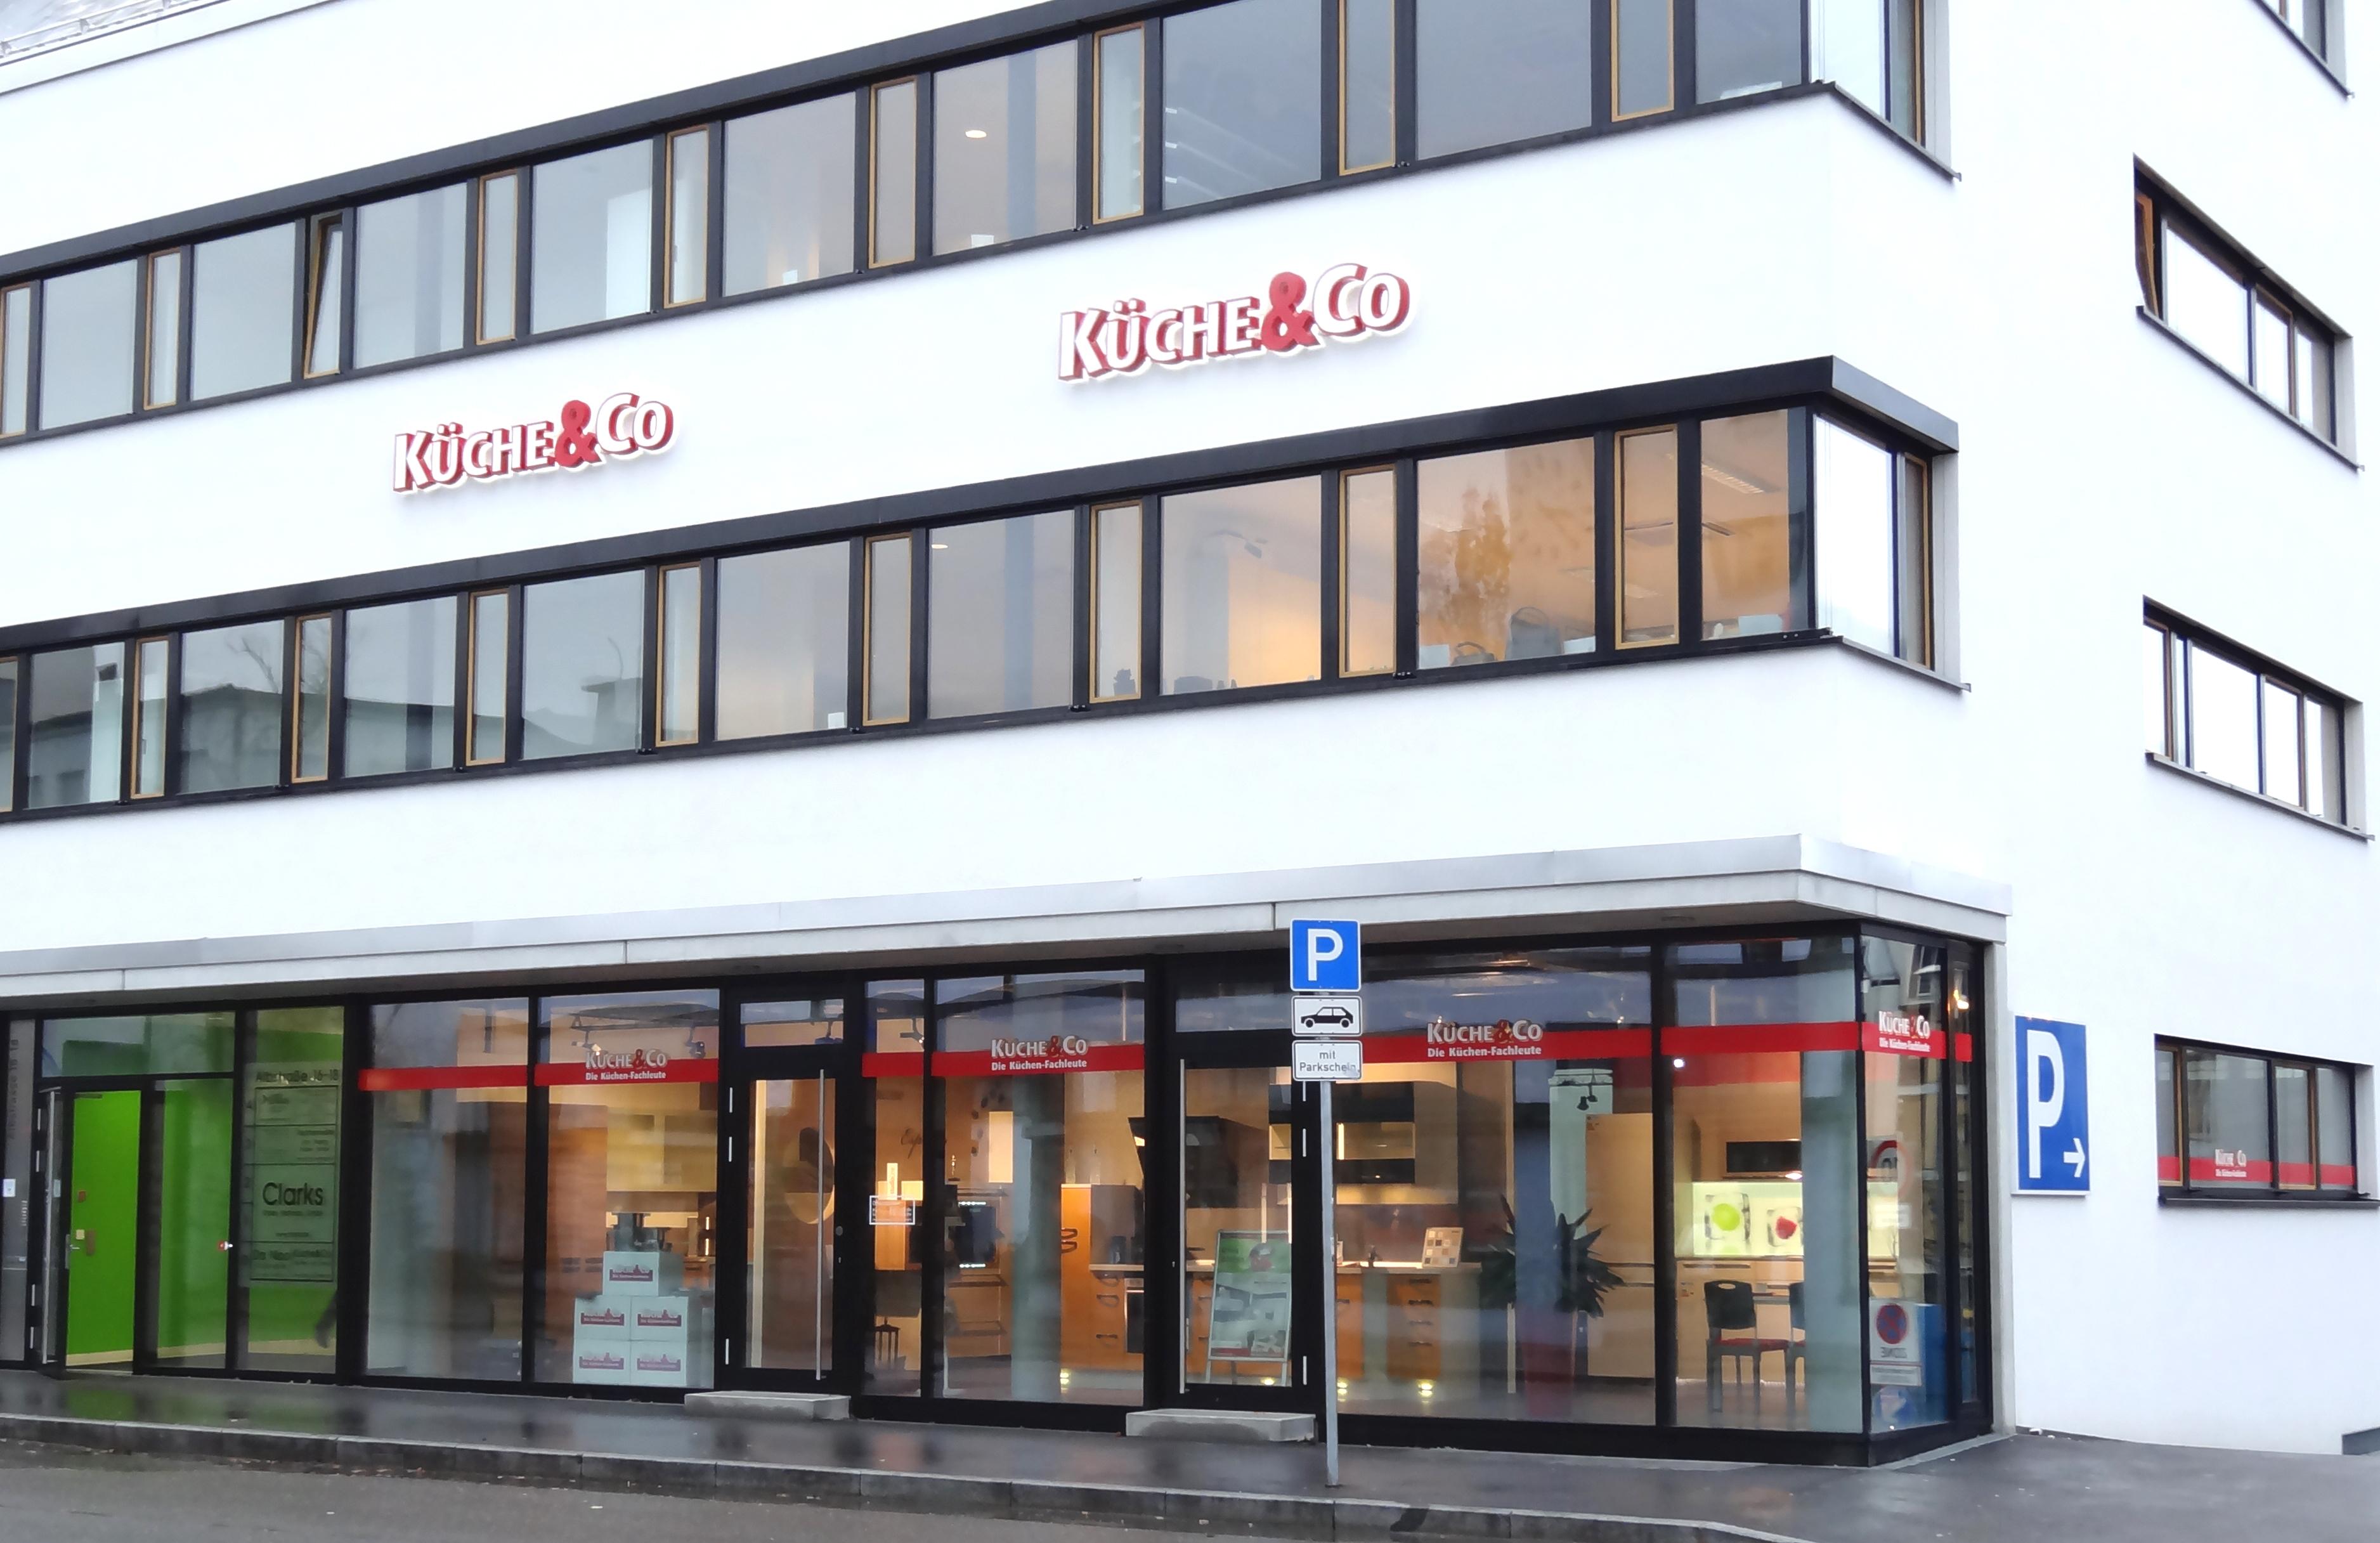 Kuchenstudio Reutlingen Kuche Co